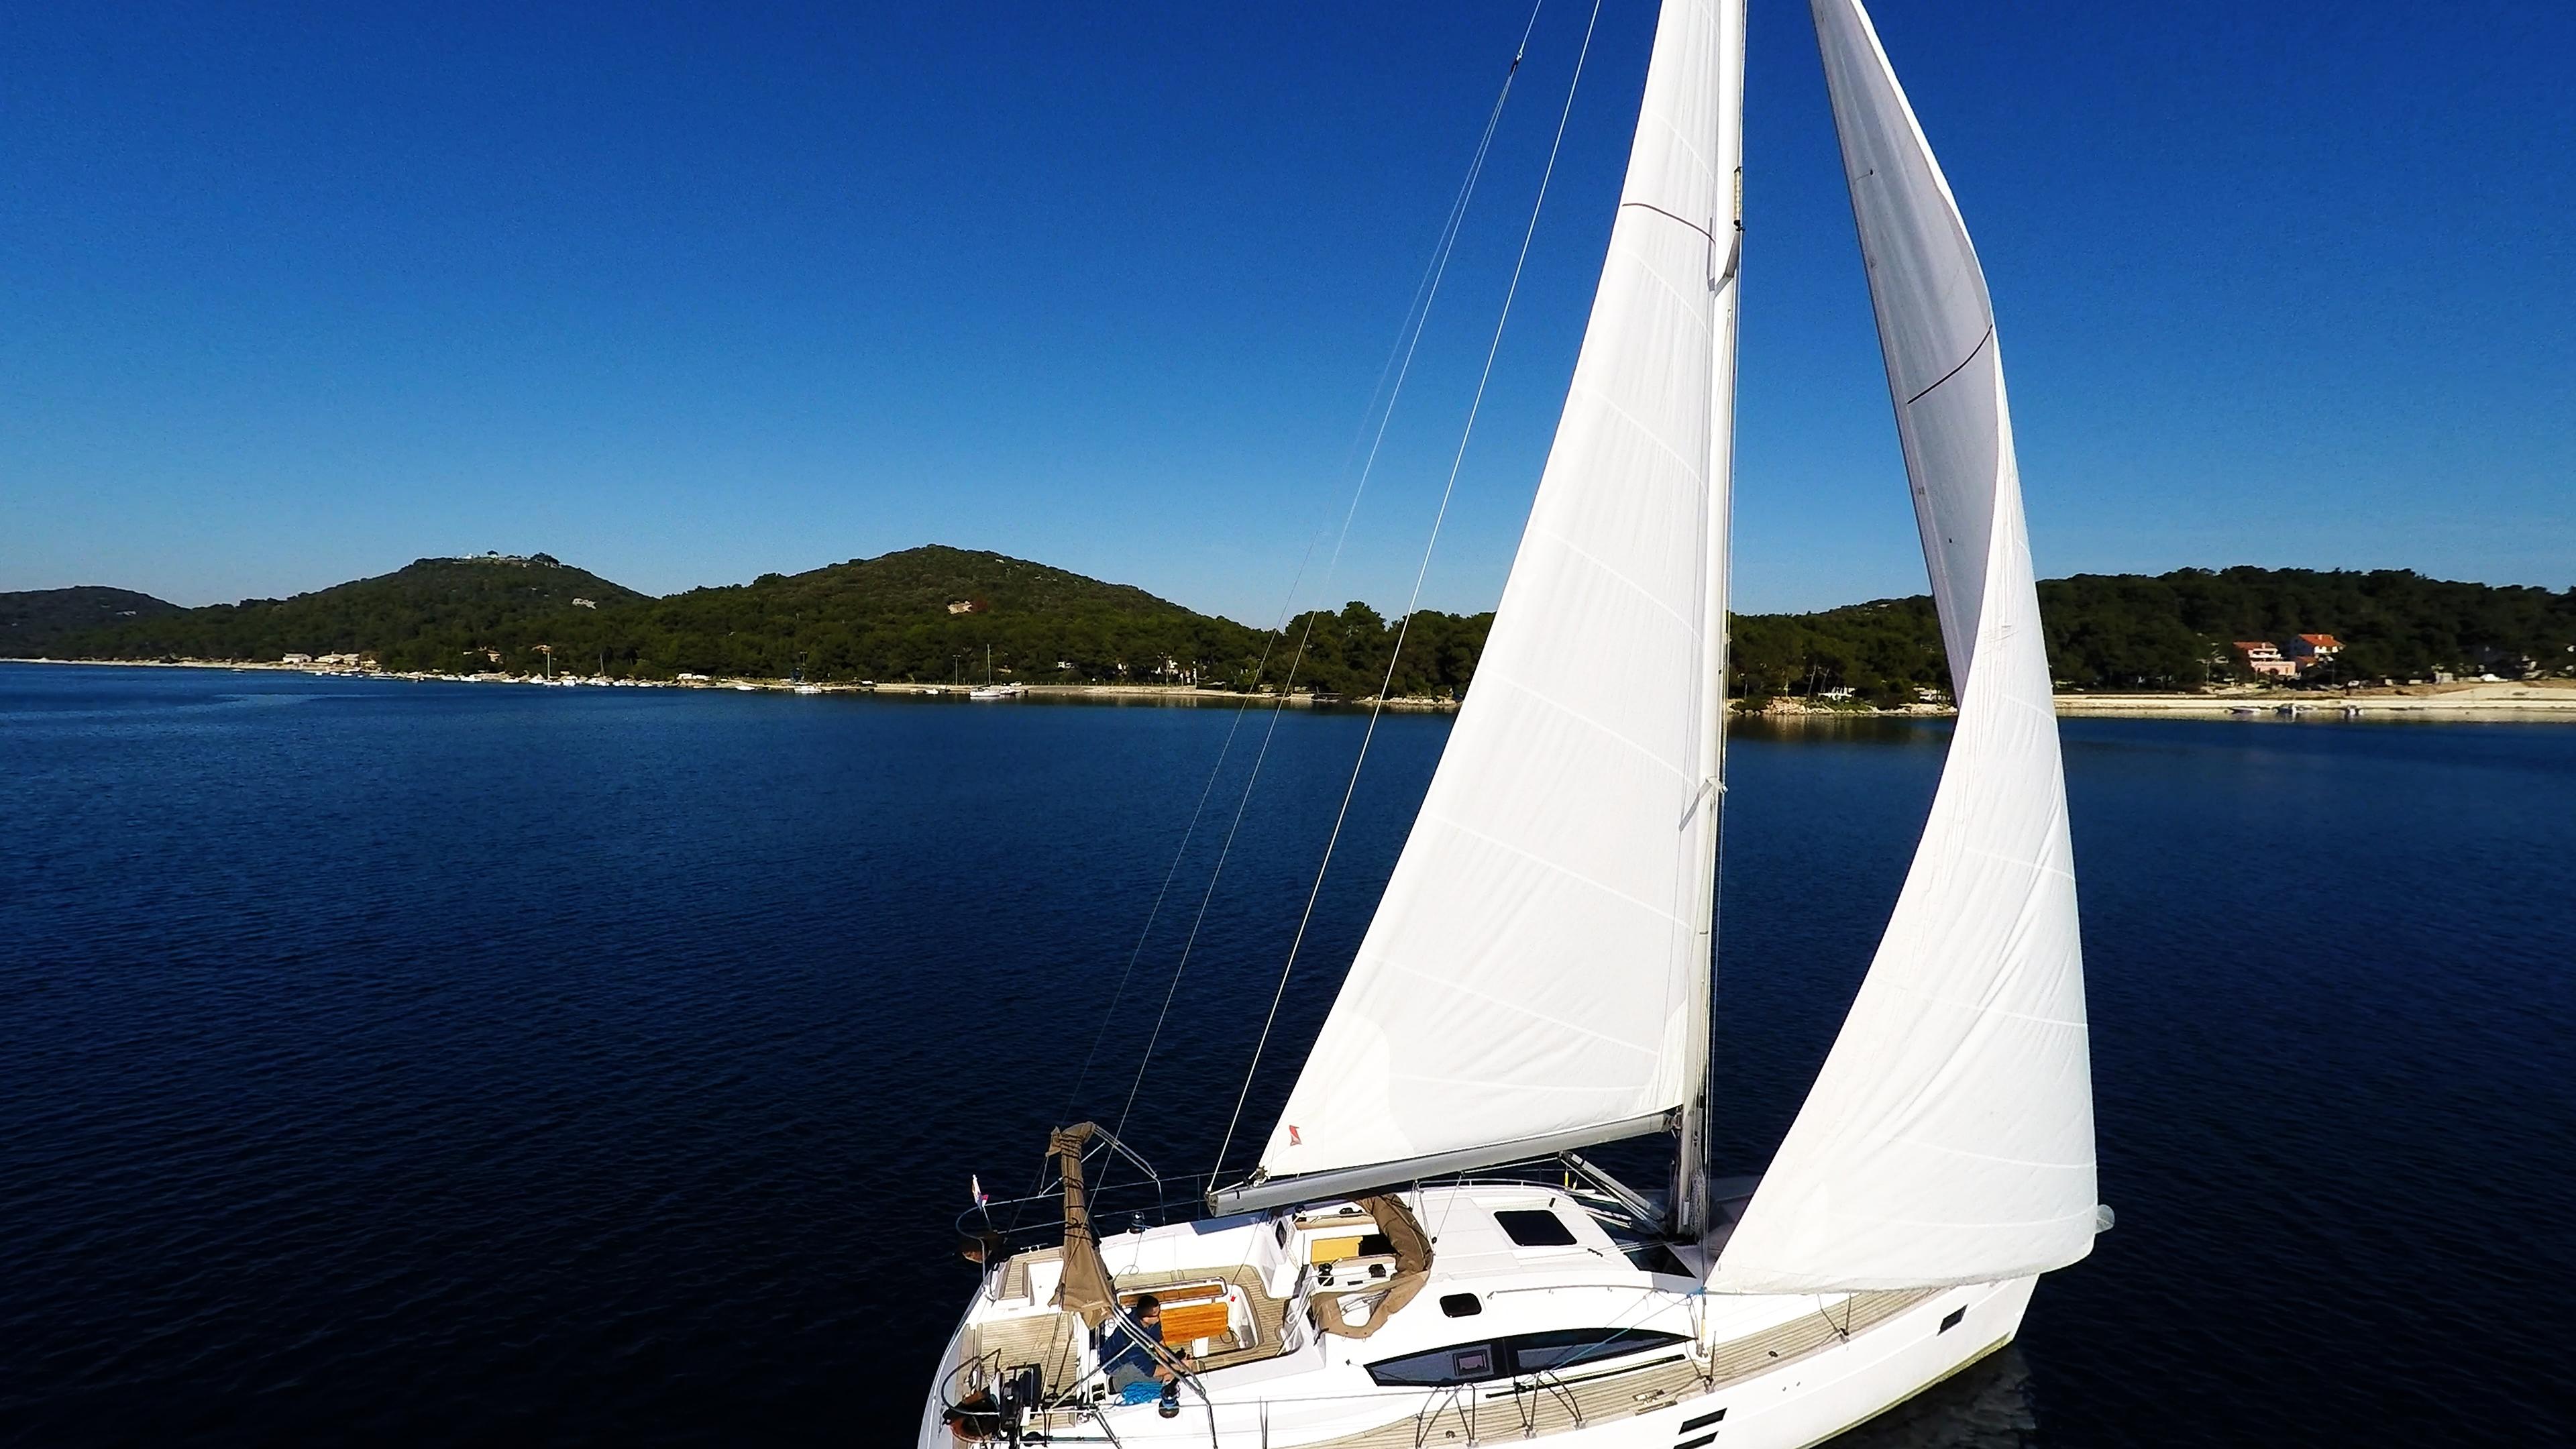 bateau à voile mer bleue bateau à voile ciel voilier